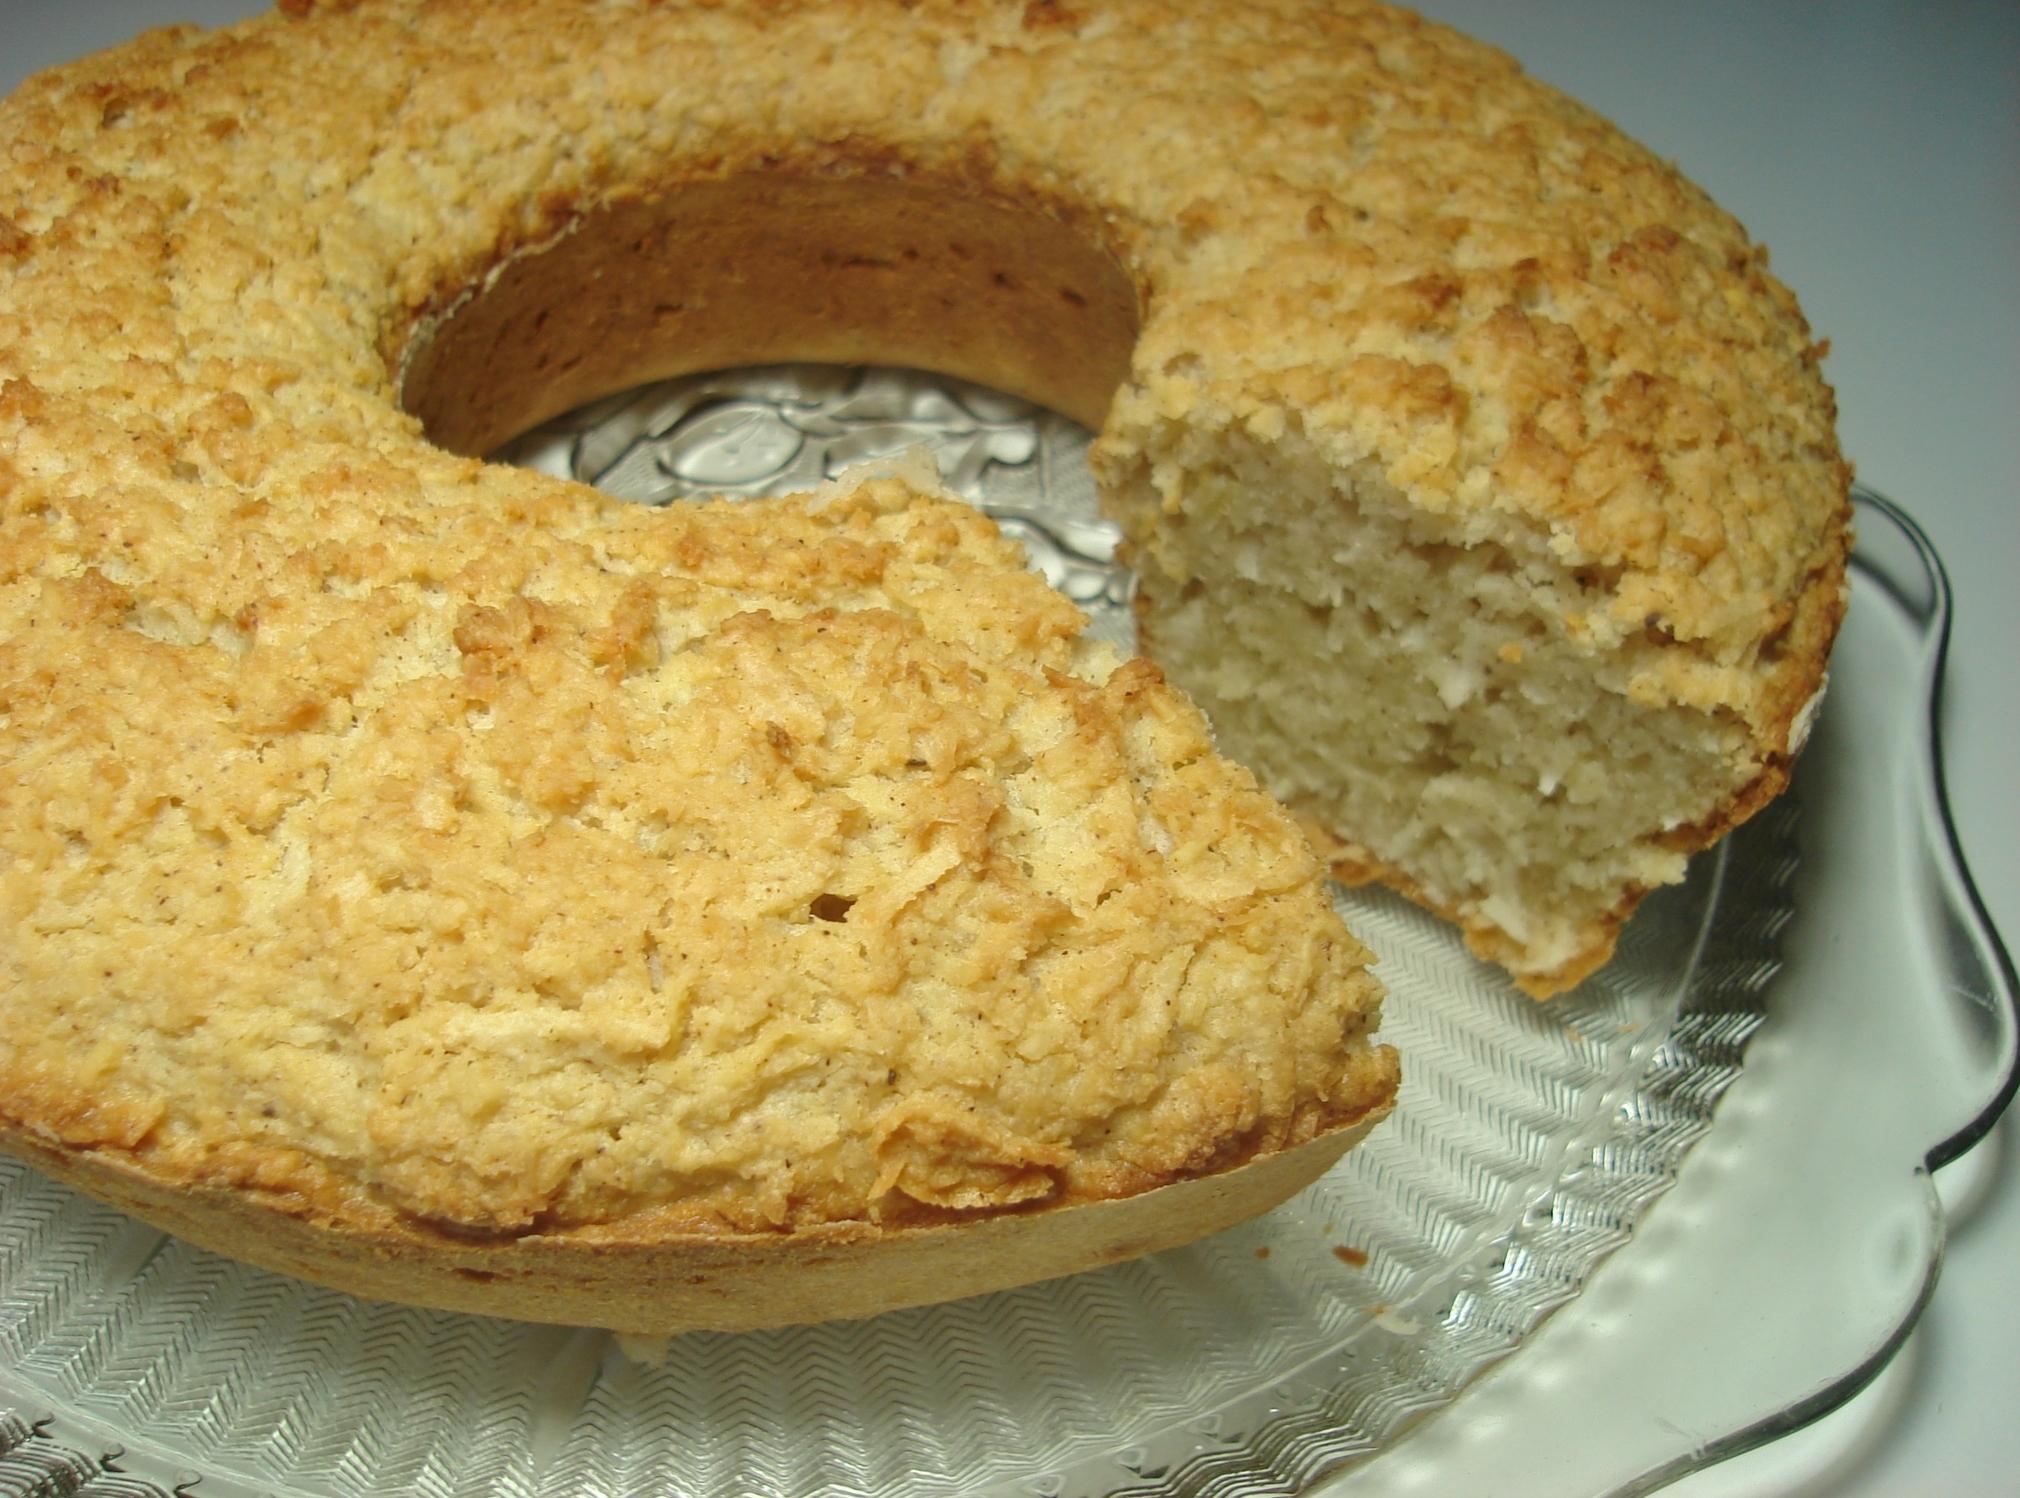 bolo de mandioca com adoçante